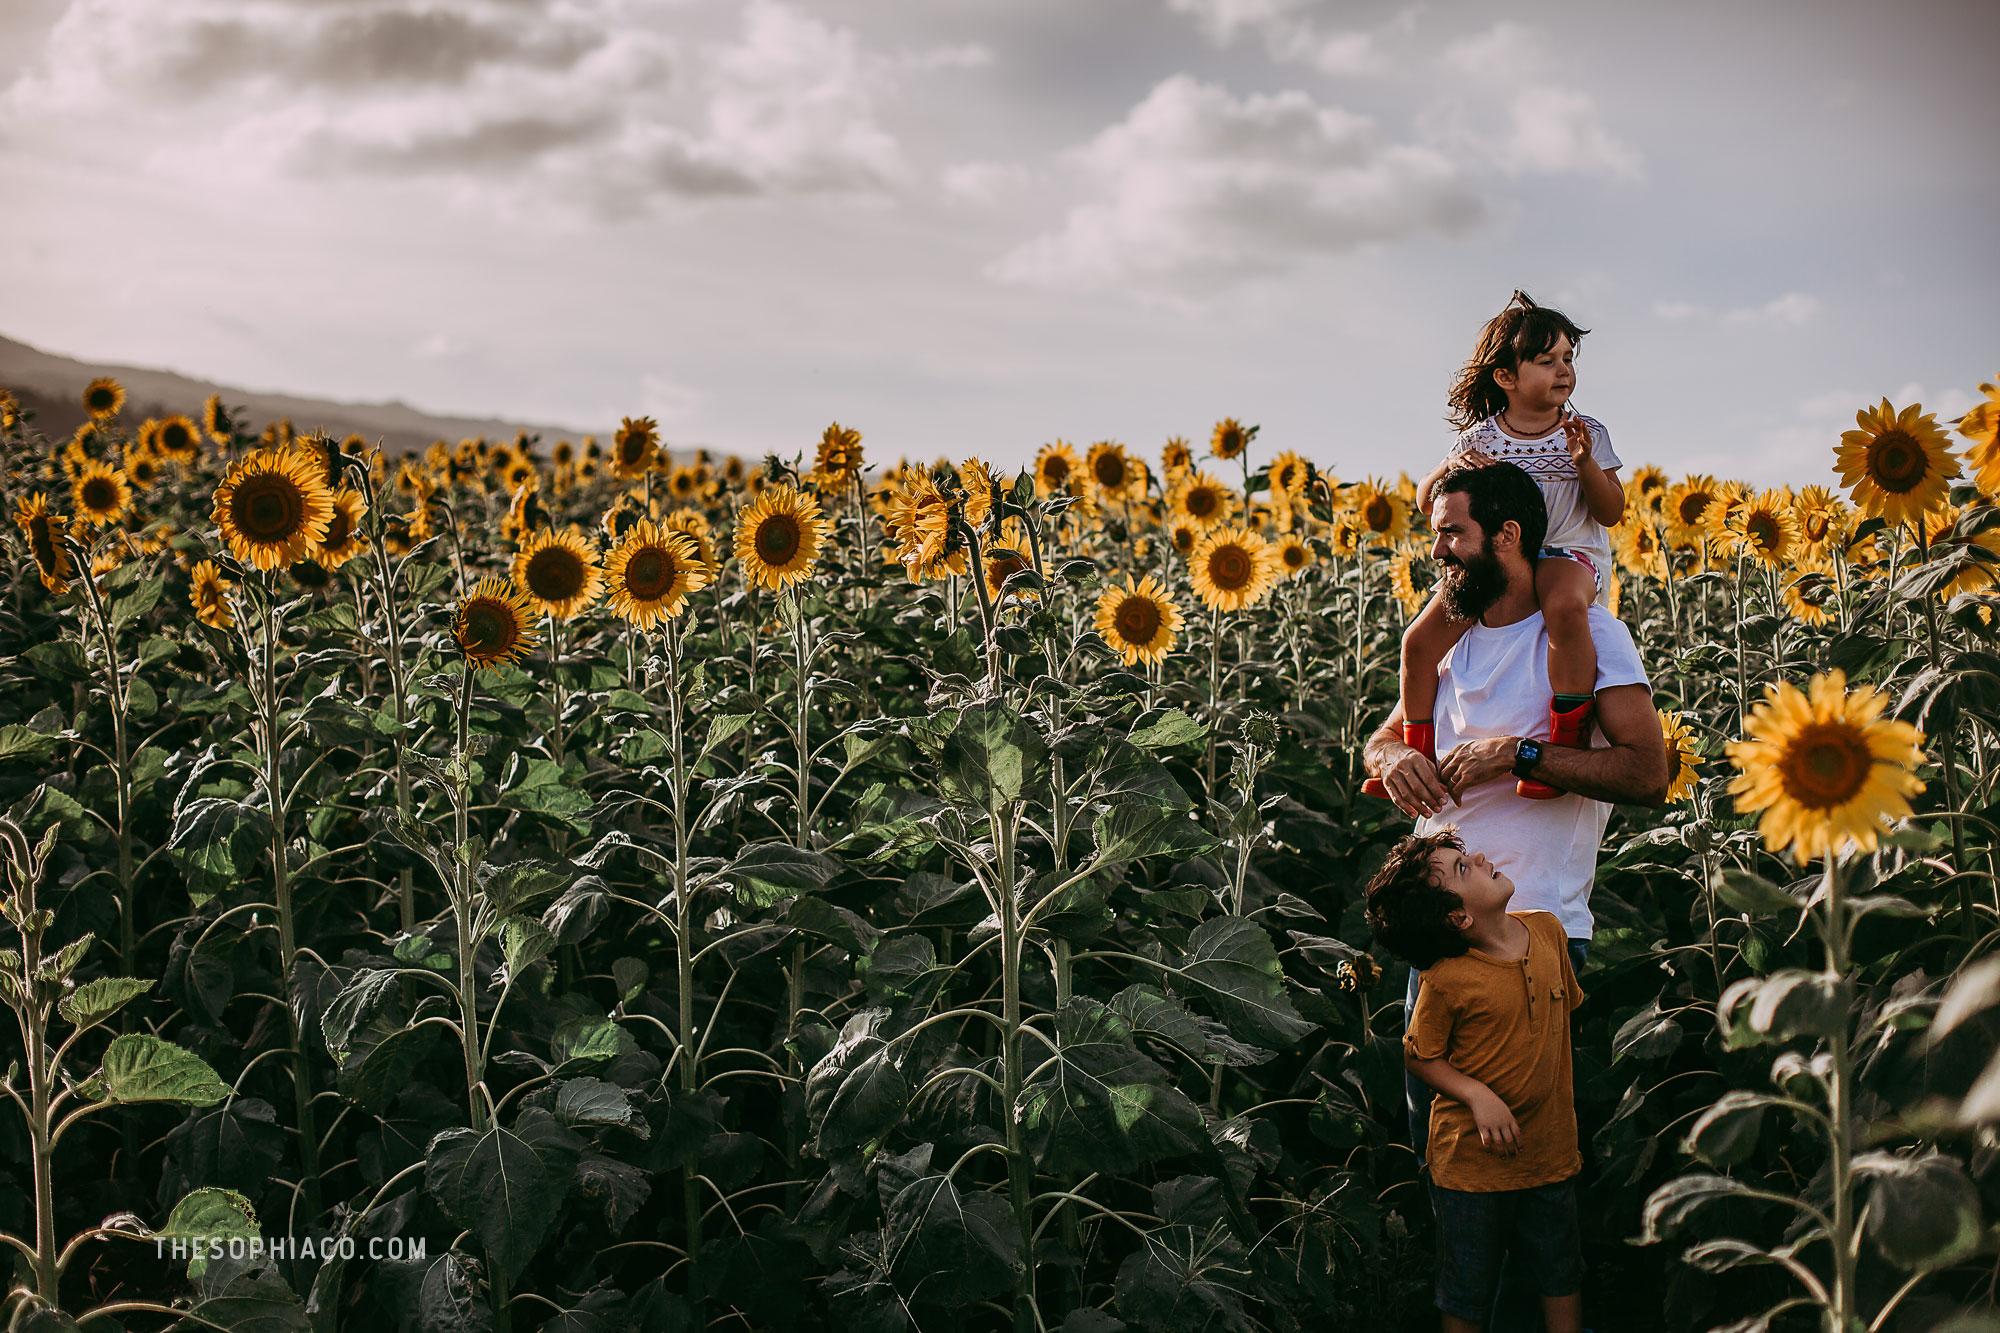 waialua-sunflowers-oahu-family-photography-10.jpg